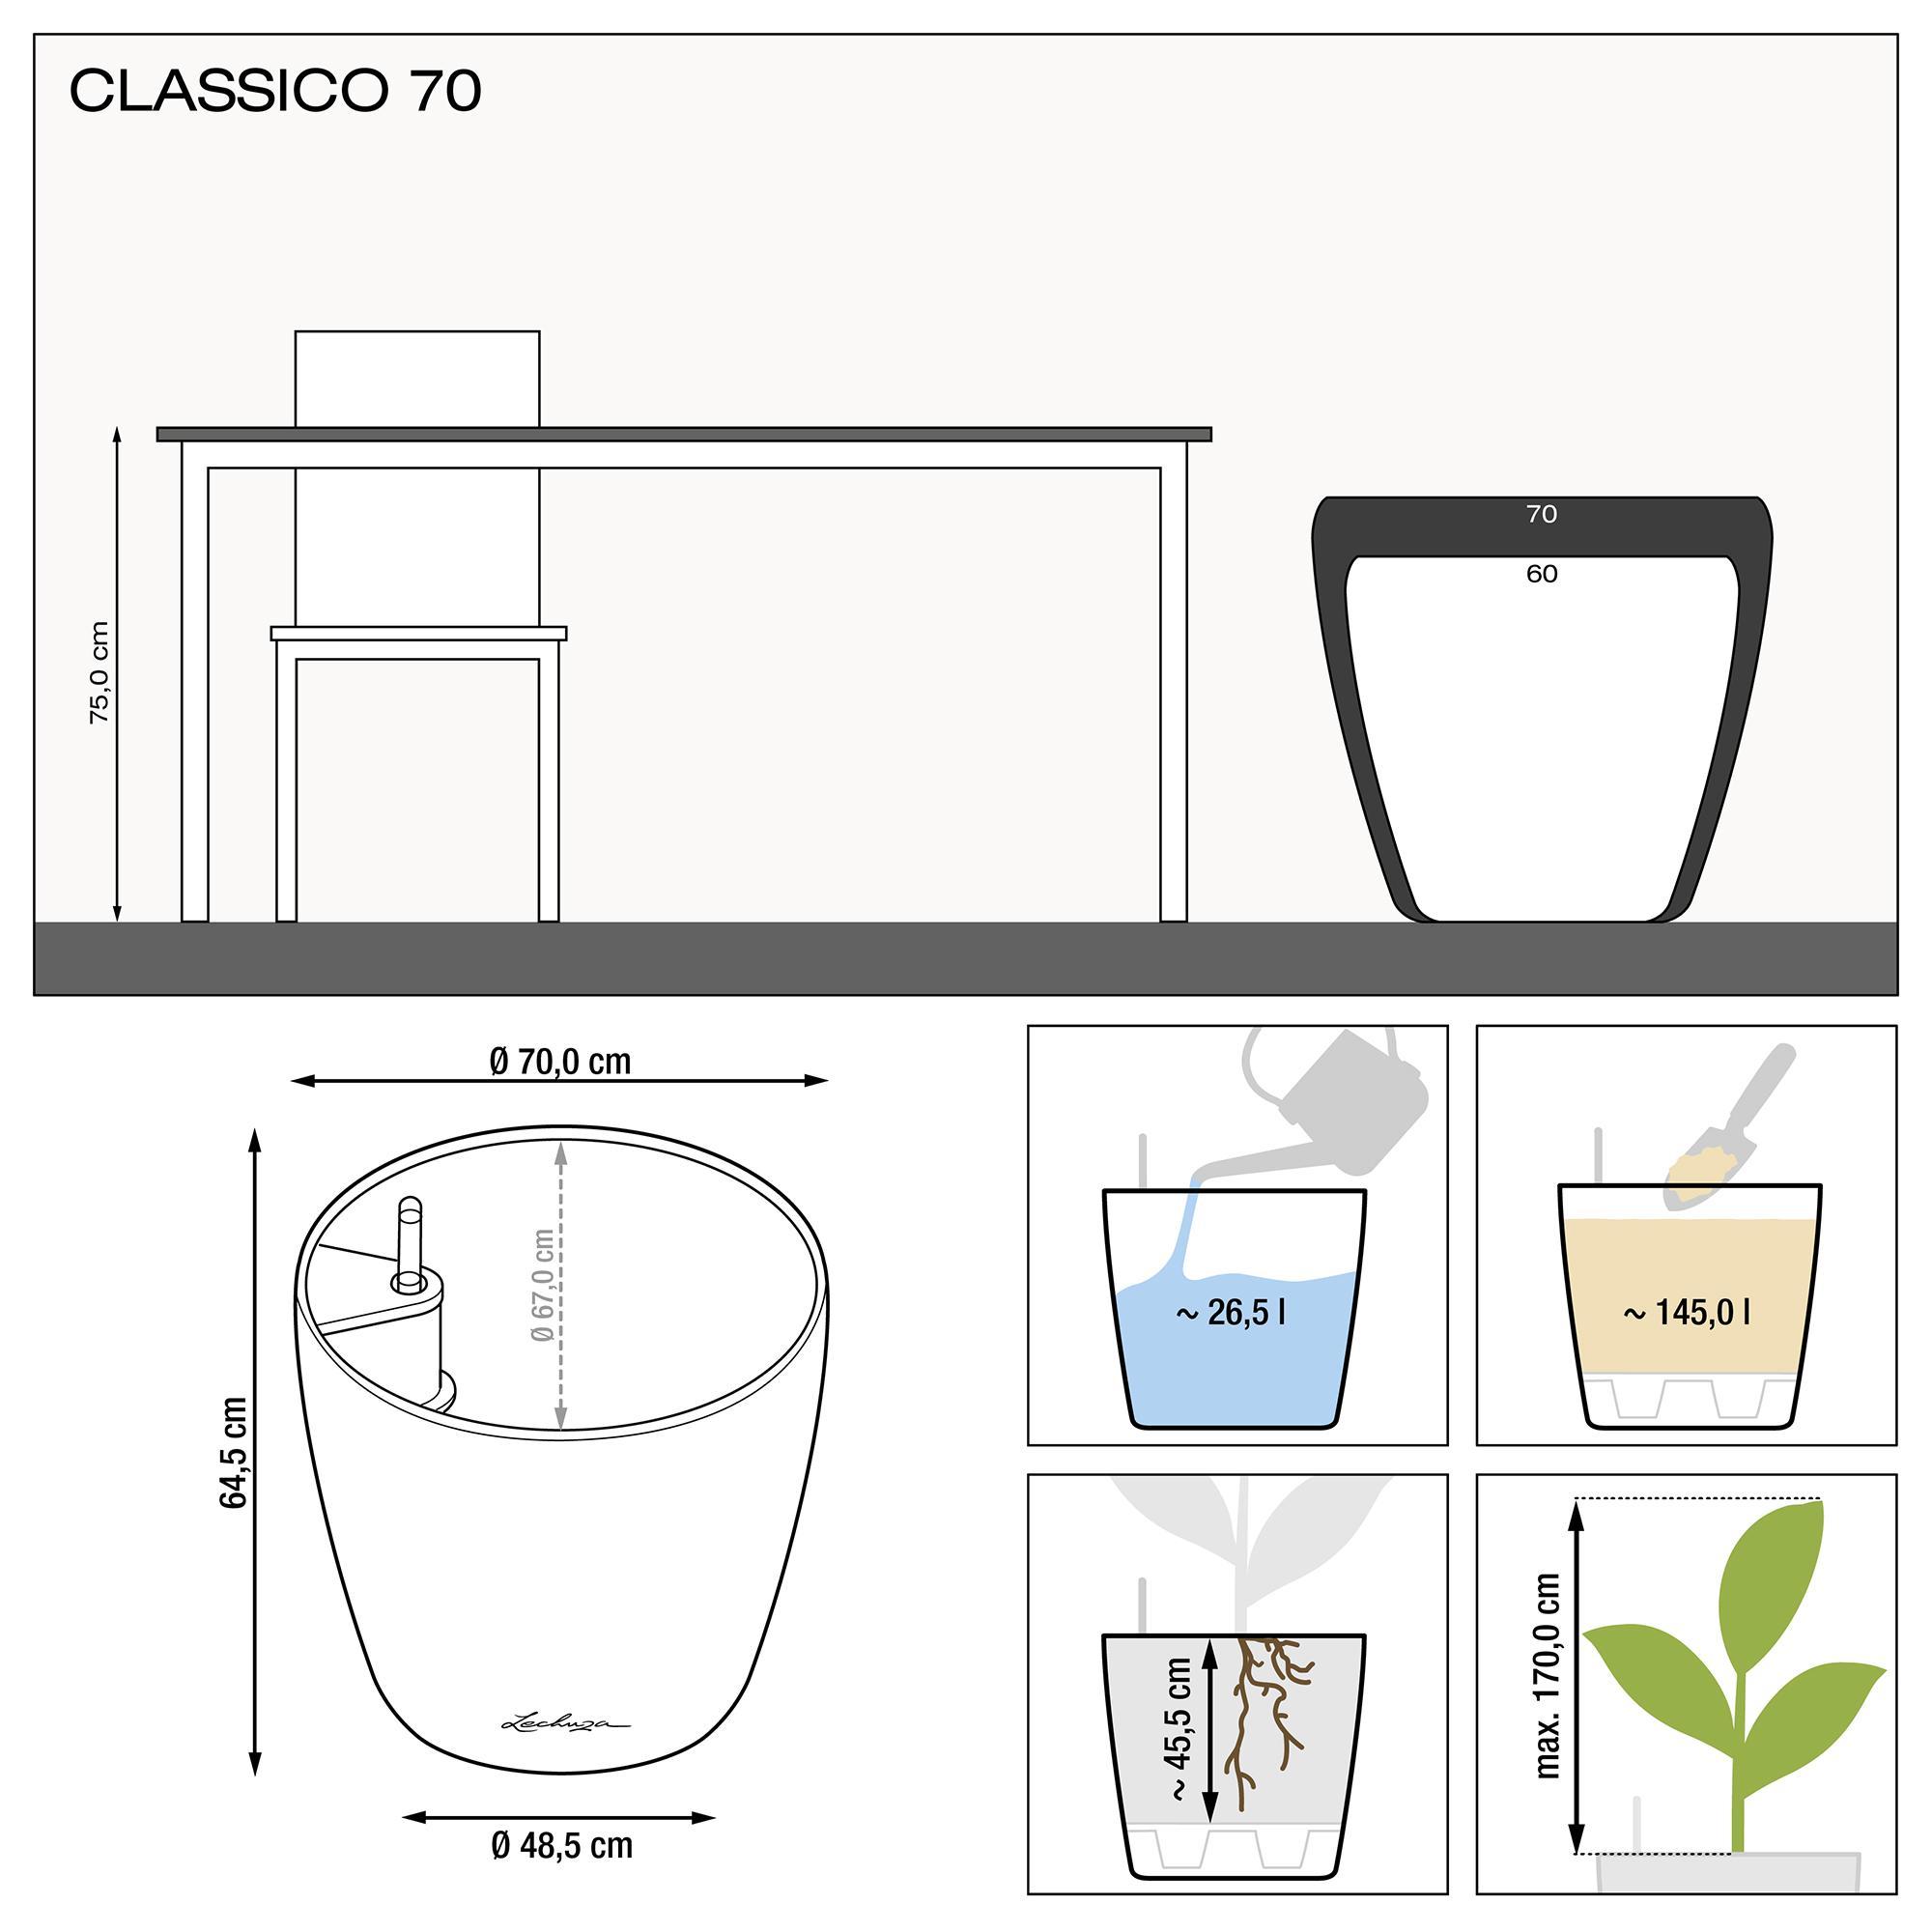 CLASSICO 70 shiny taupe - Image 1